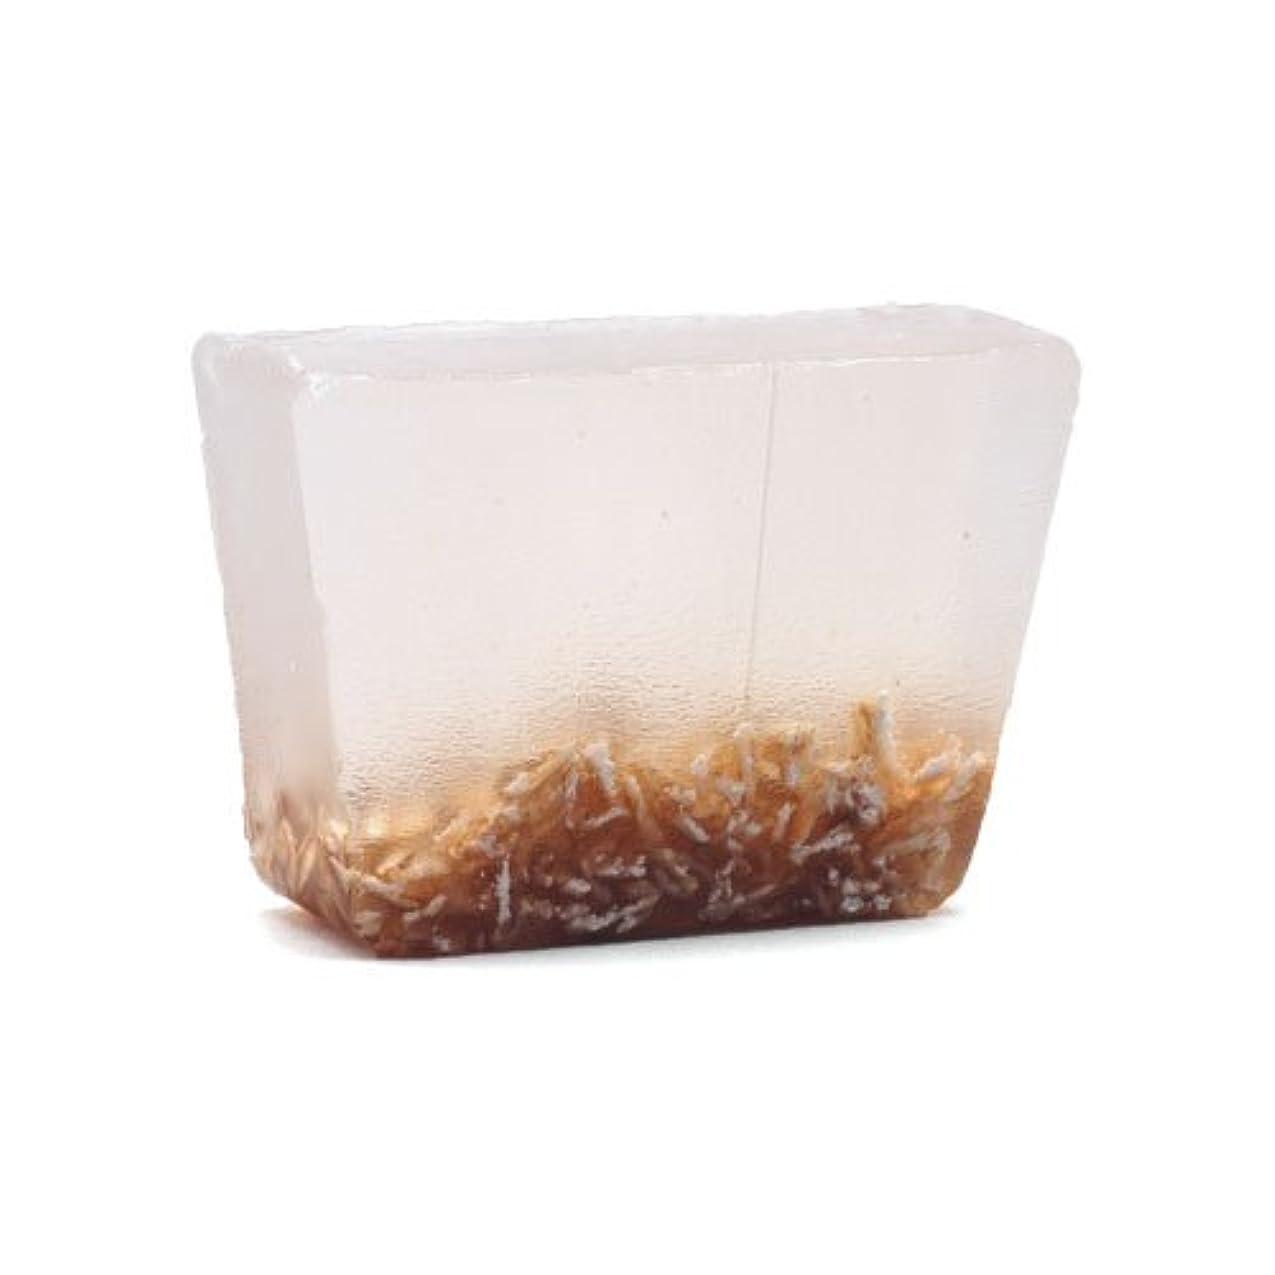 波アシュリータファーマン凝縮するプライモールエレメンツ アロマティック ミニソープ ラベンダーオートミール 80g 植物性 ナチュラル 石鹸 無添加